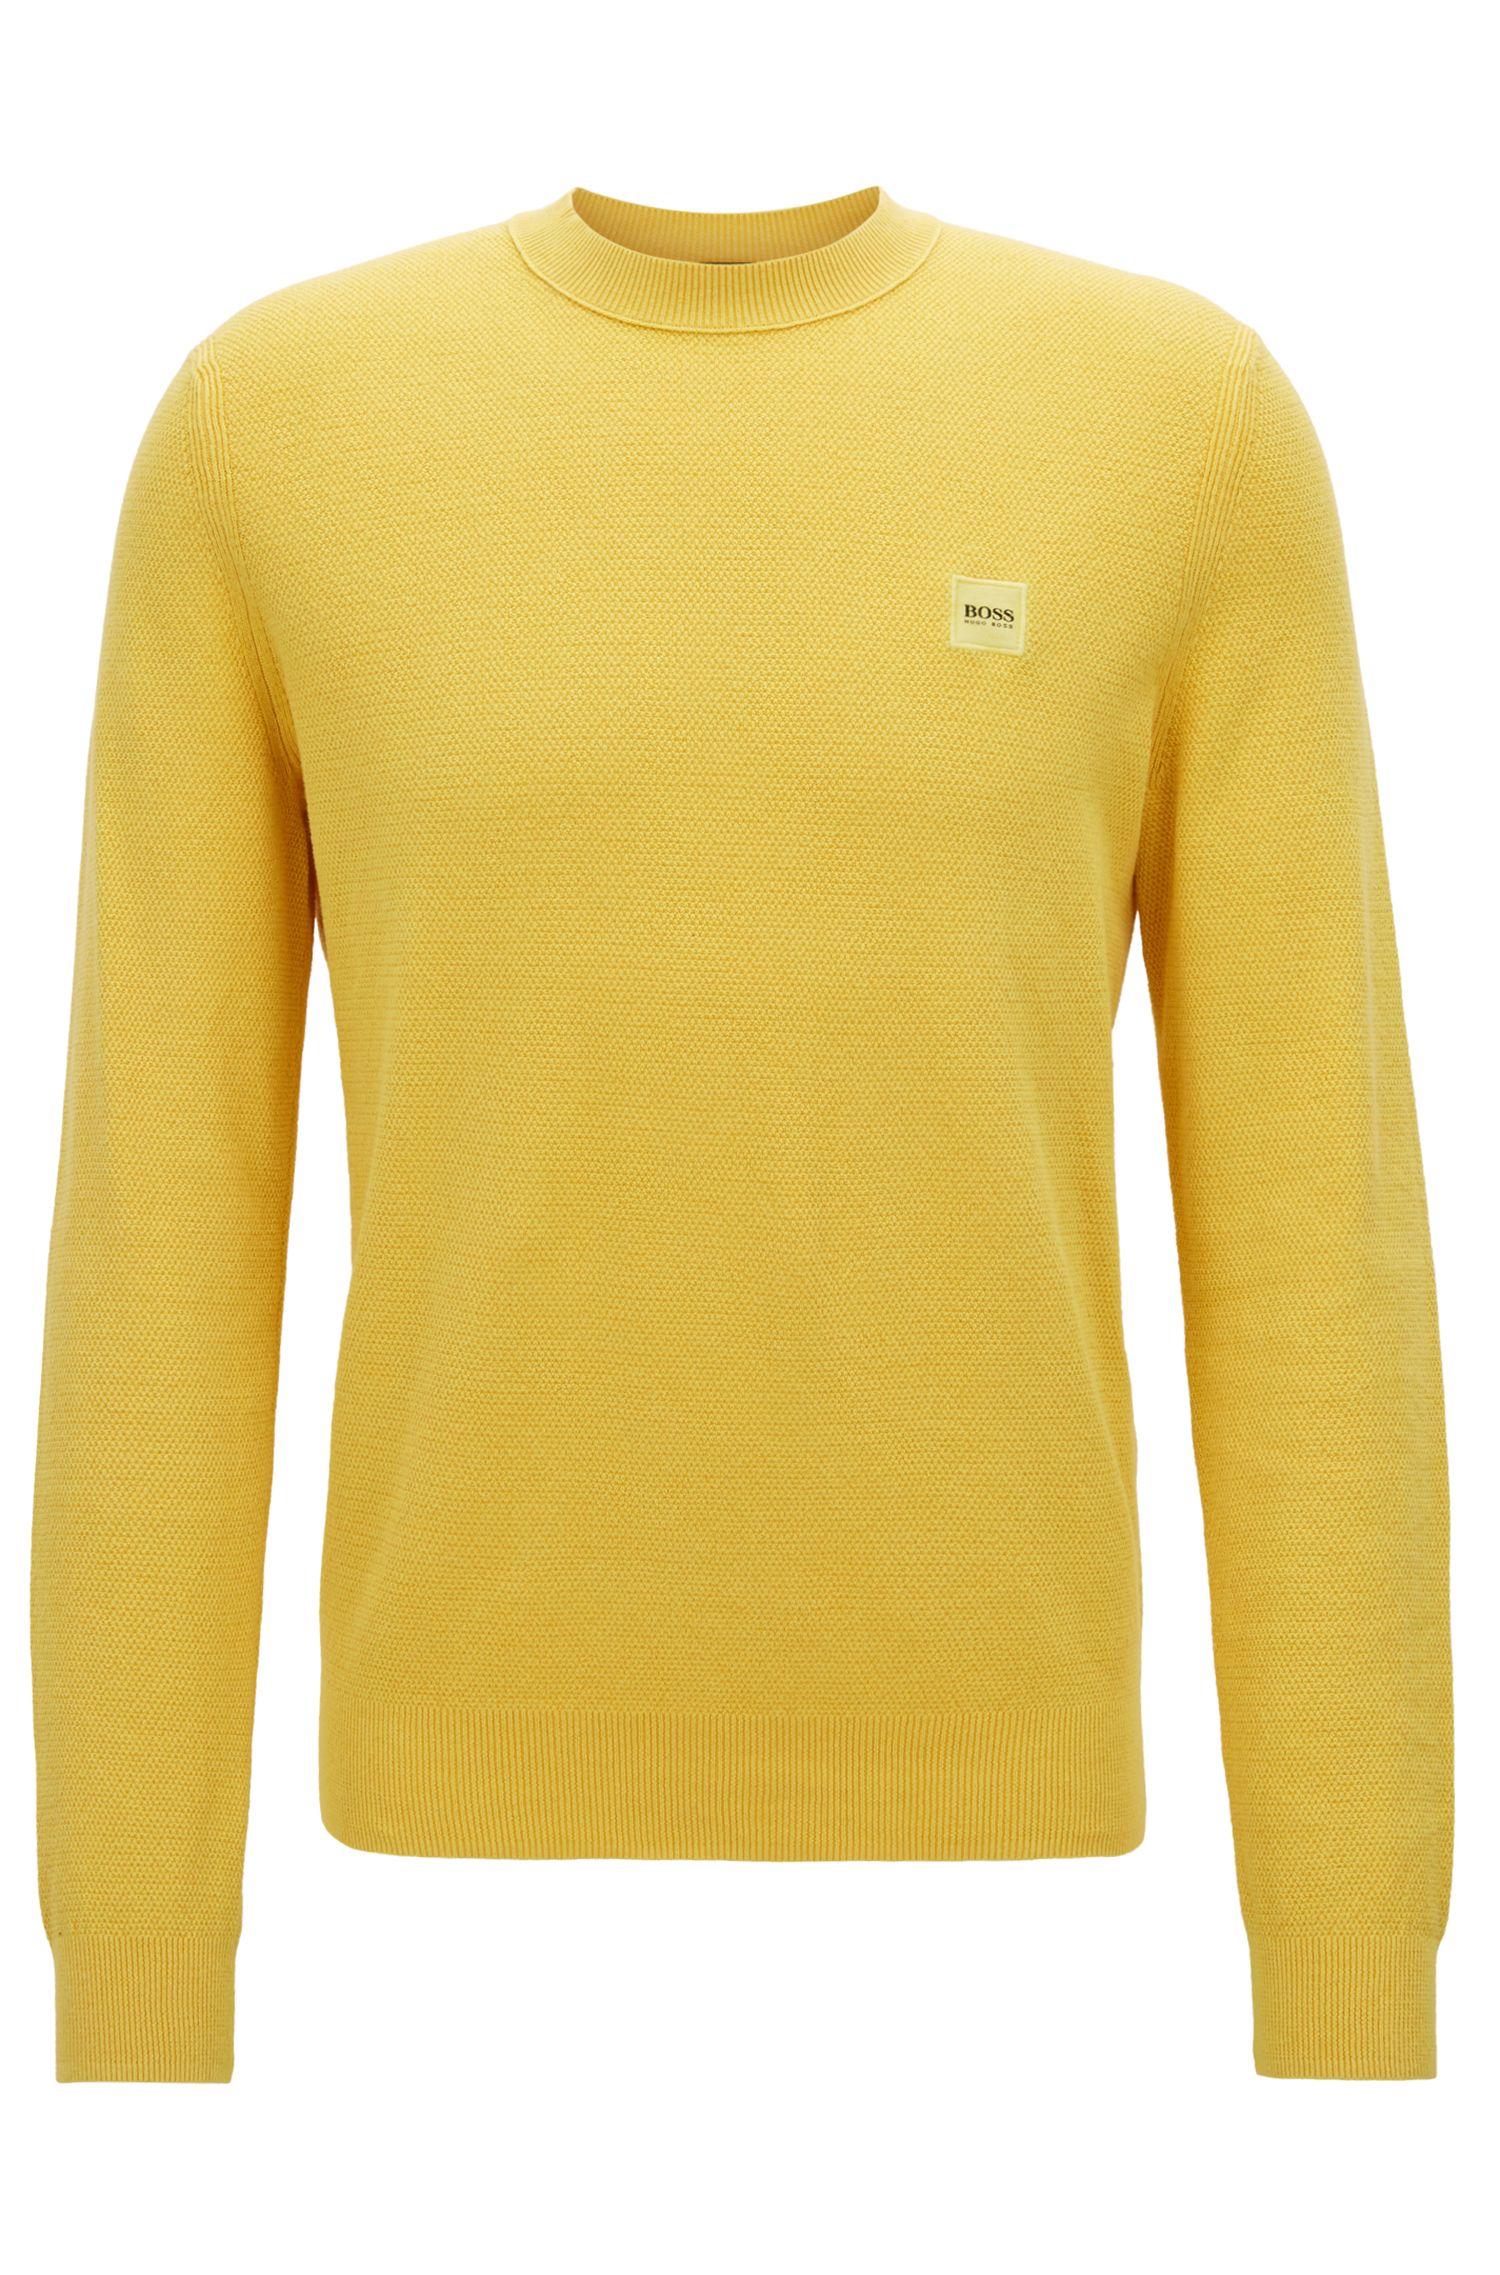 Jersey de cuello redondo en algodón con textura